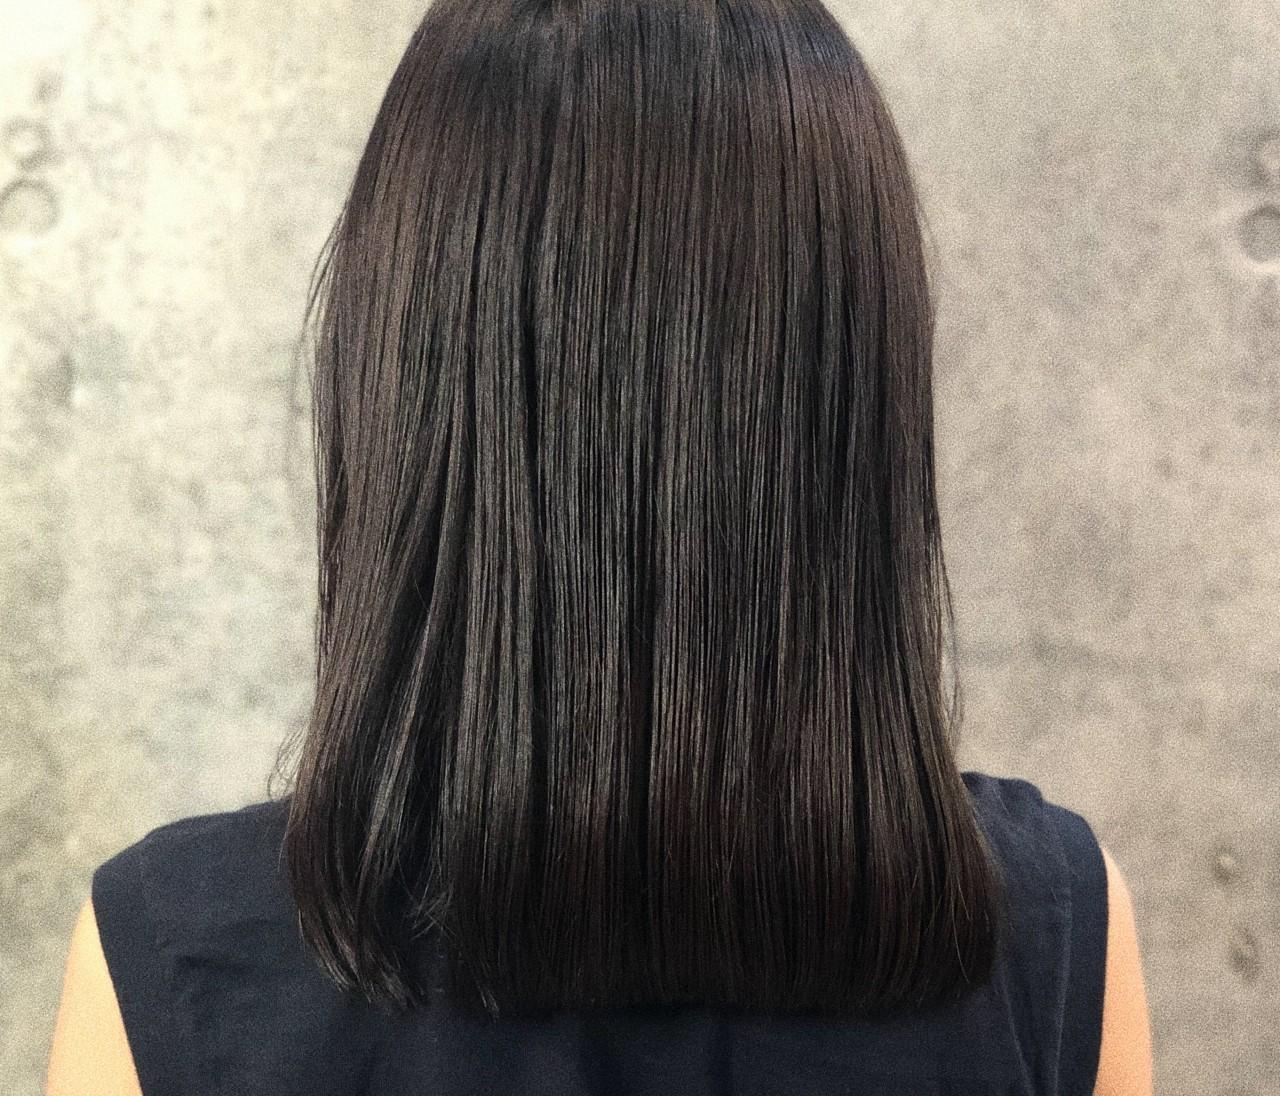 髪の毛のこと